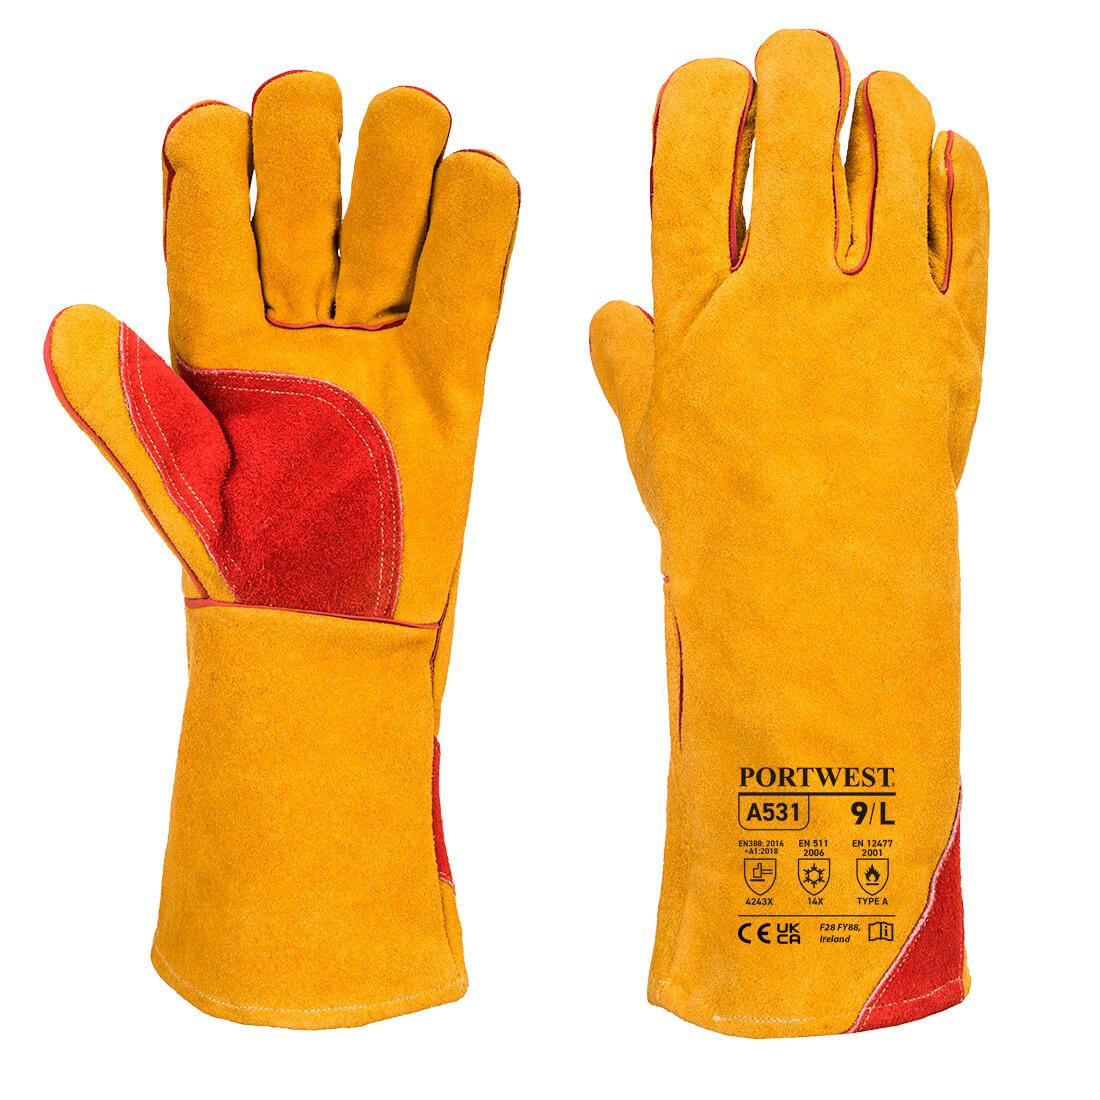 Gloves, Welders Gloves